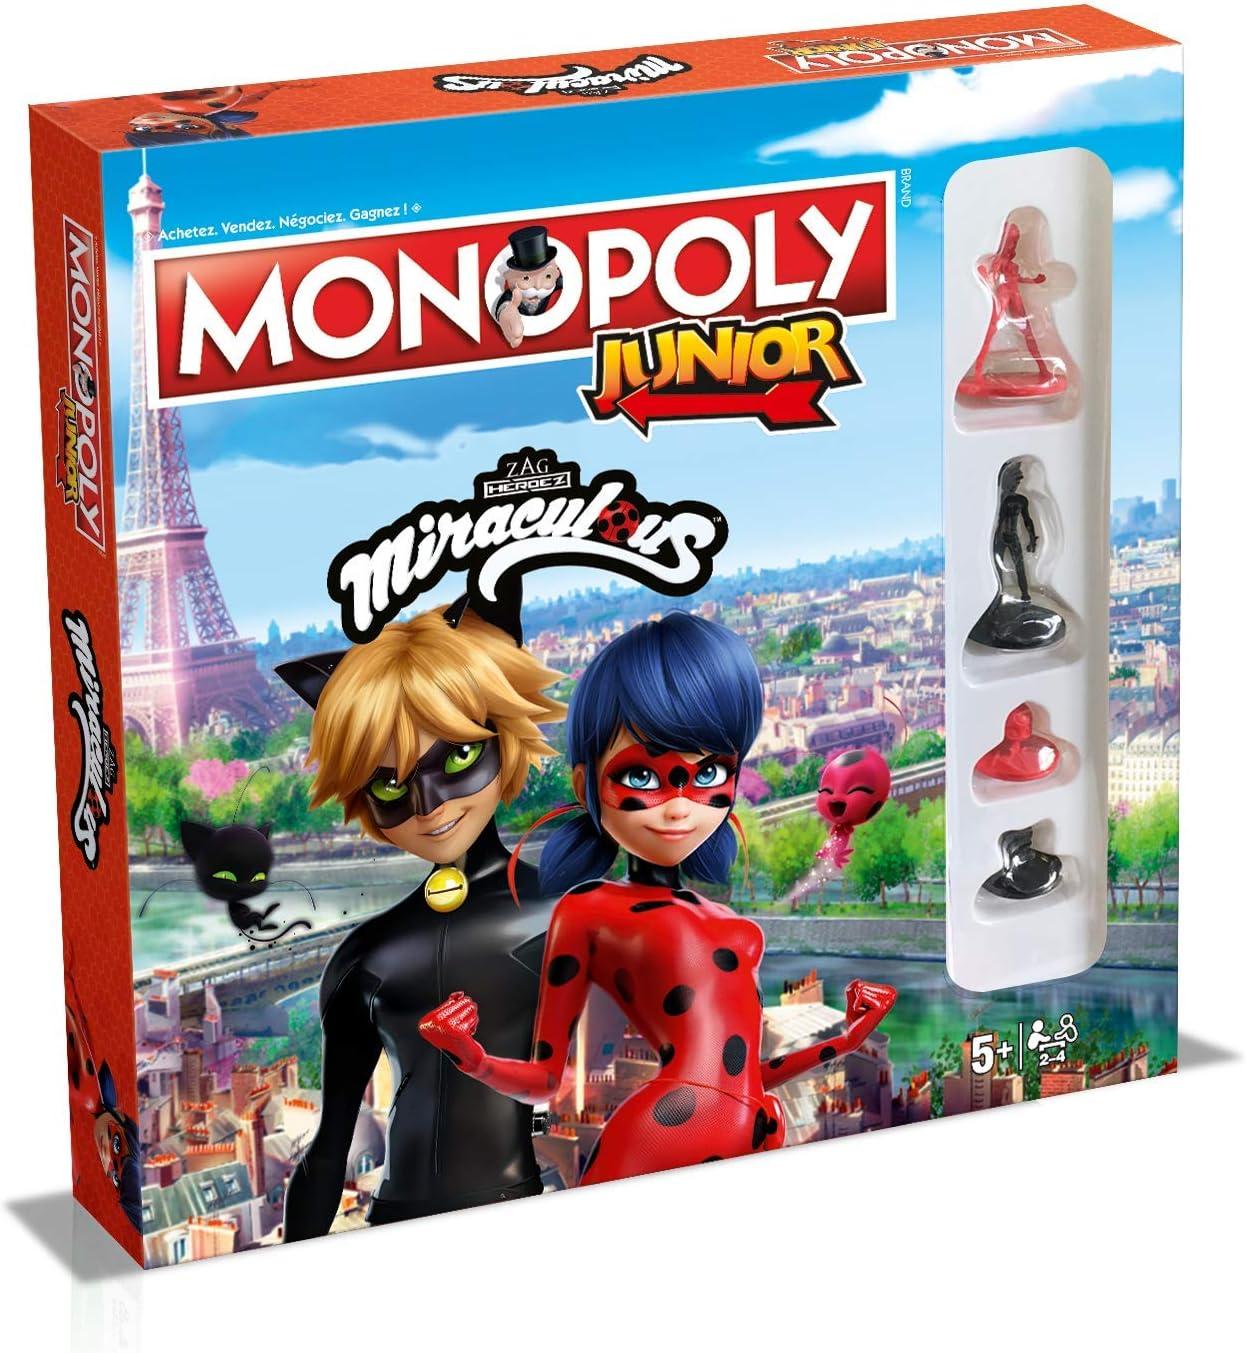 Winning Moves-Monopoly Junior Miraculous, 0237, Versión Francesa: Amazon.es: Juguetes y juegos